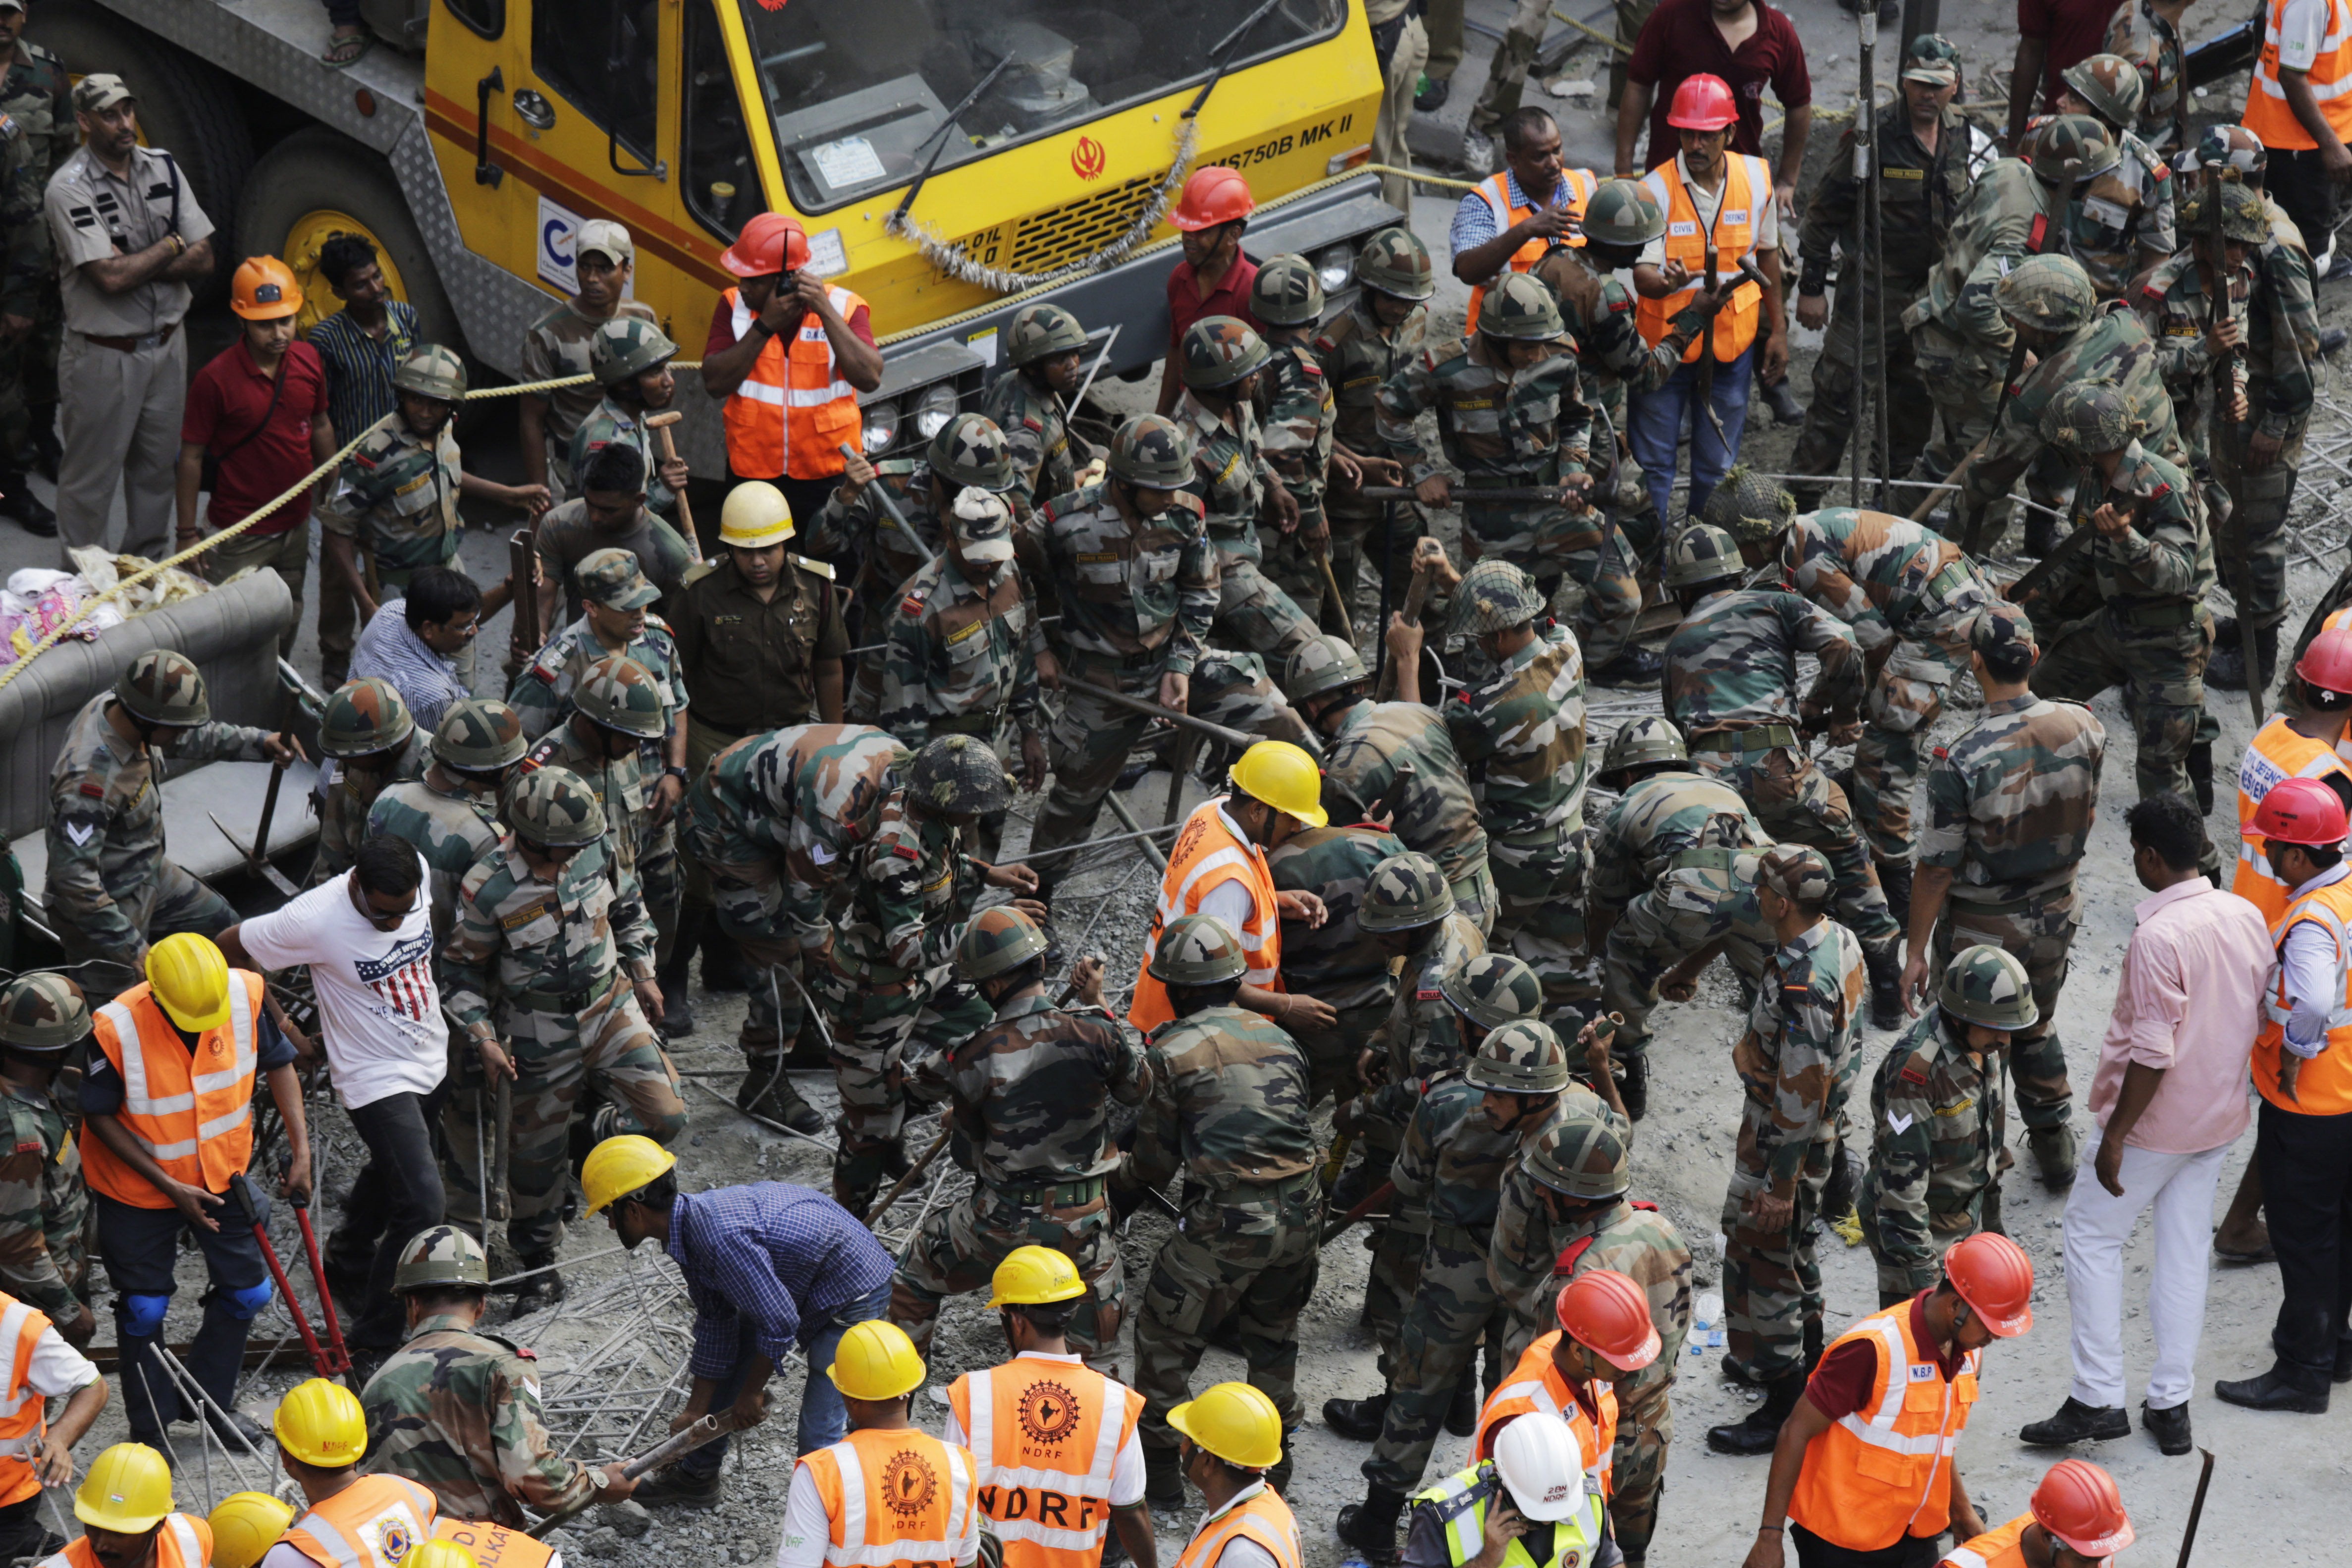 Tragedie in India, dupa ce o pasarela s-a prabusit. CNN: Sunt 22 de morti si 75 de raniti. Ampla operatiune de salvare